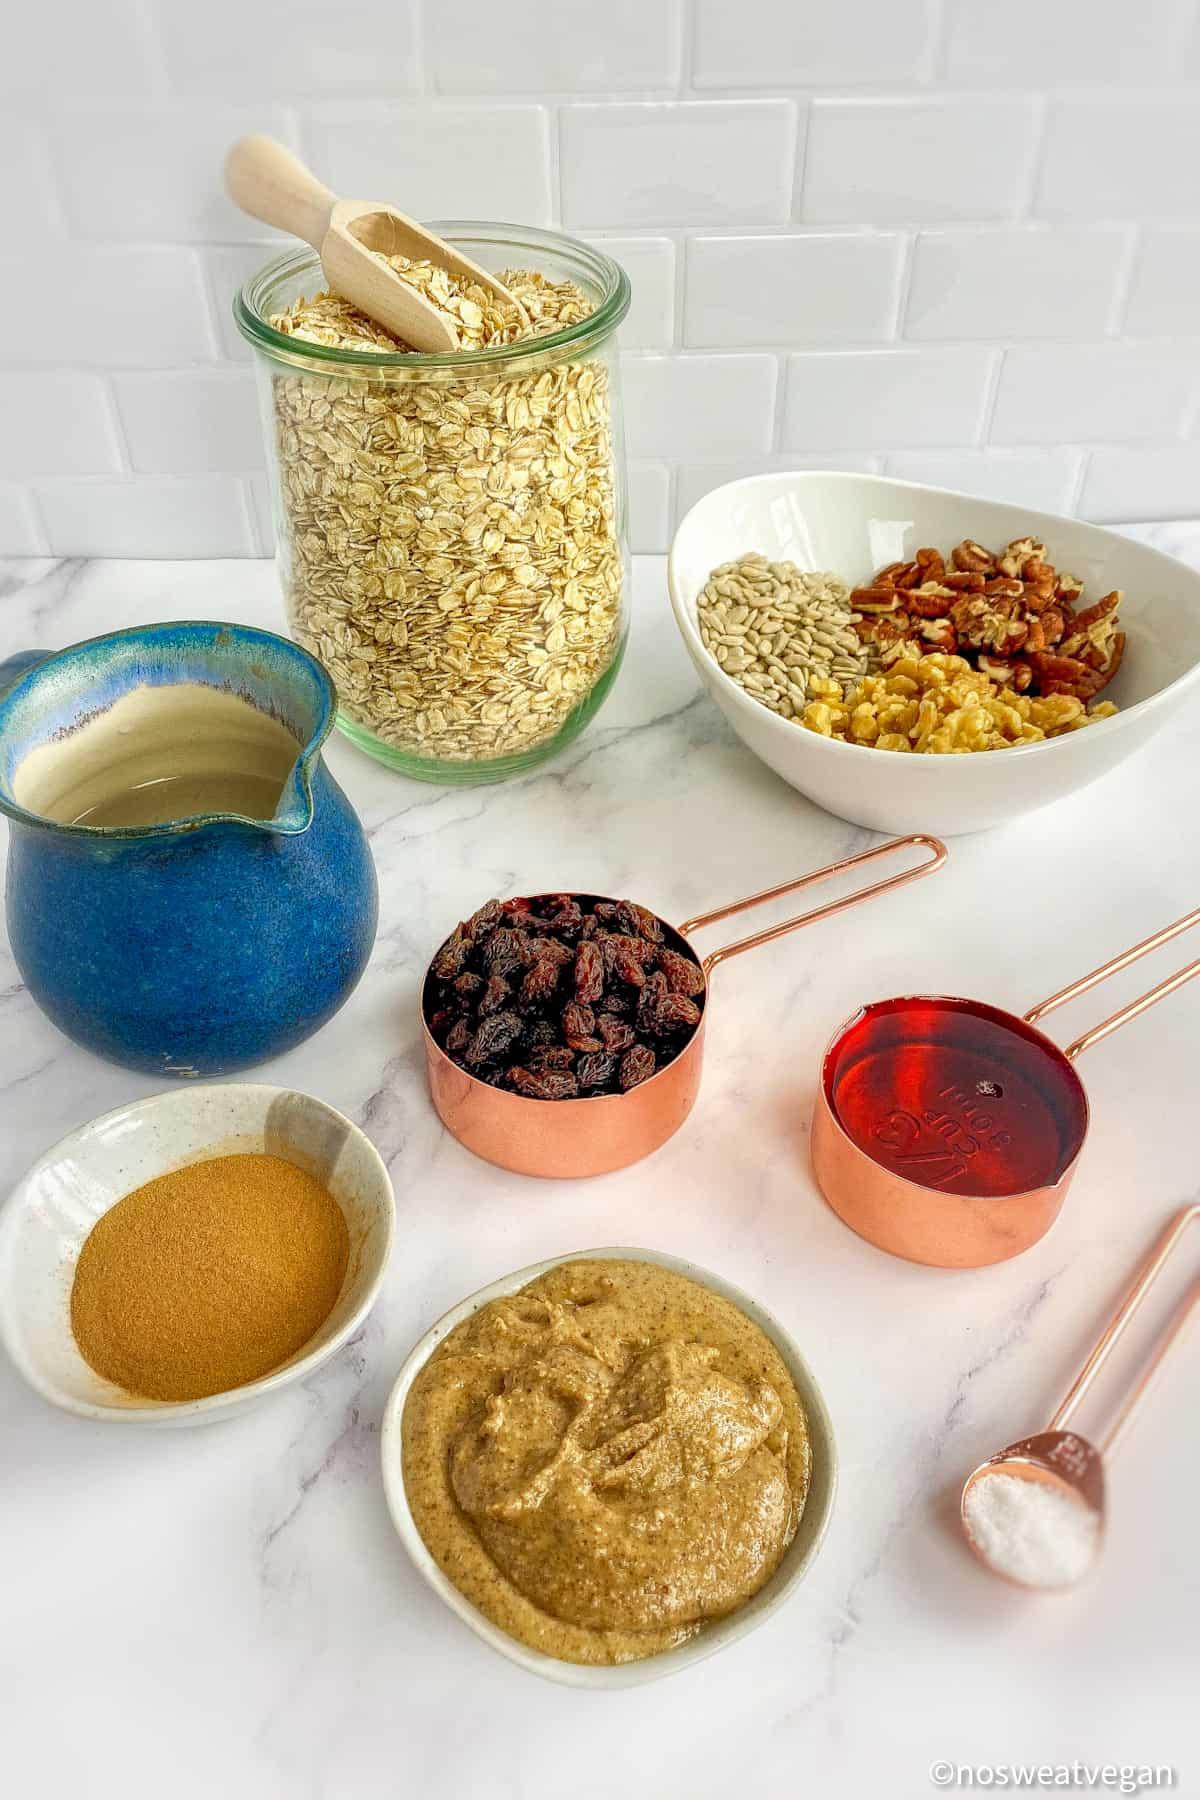 simple ingredients for quick vegan granola